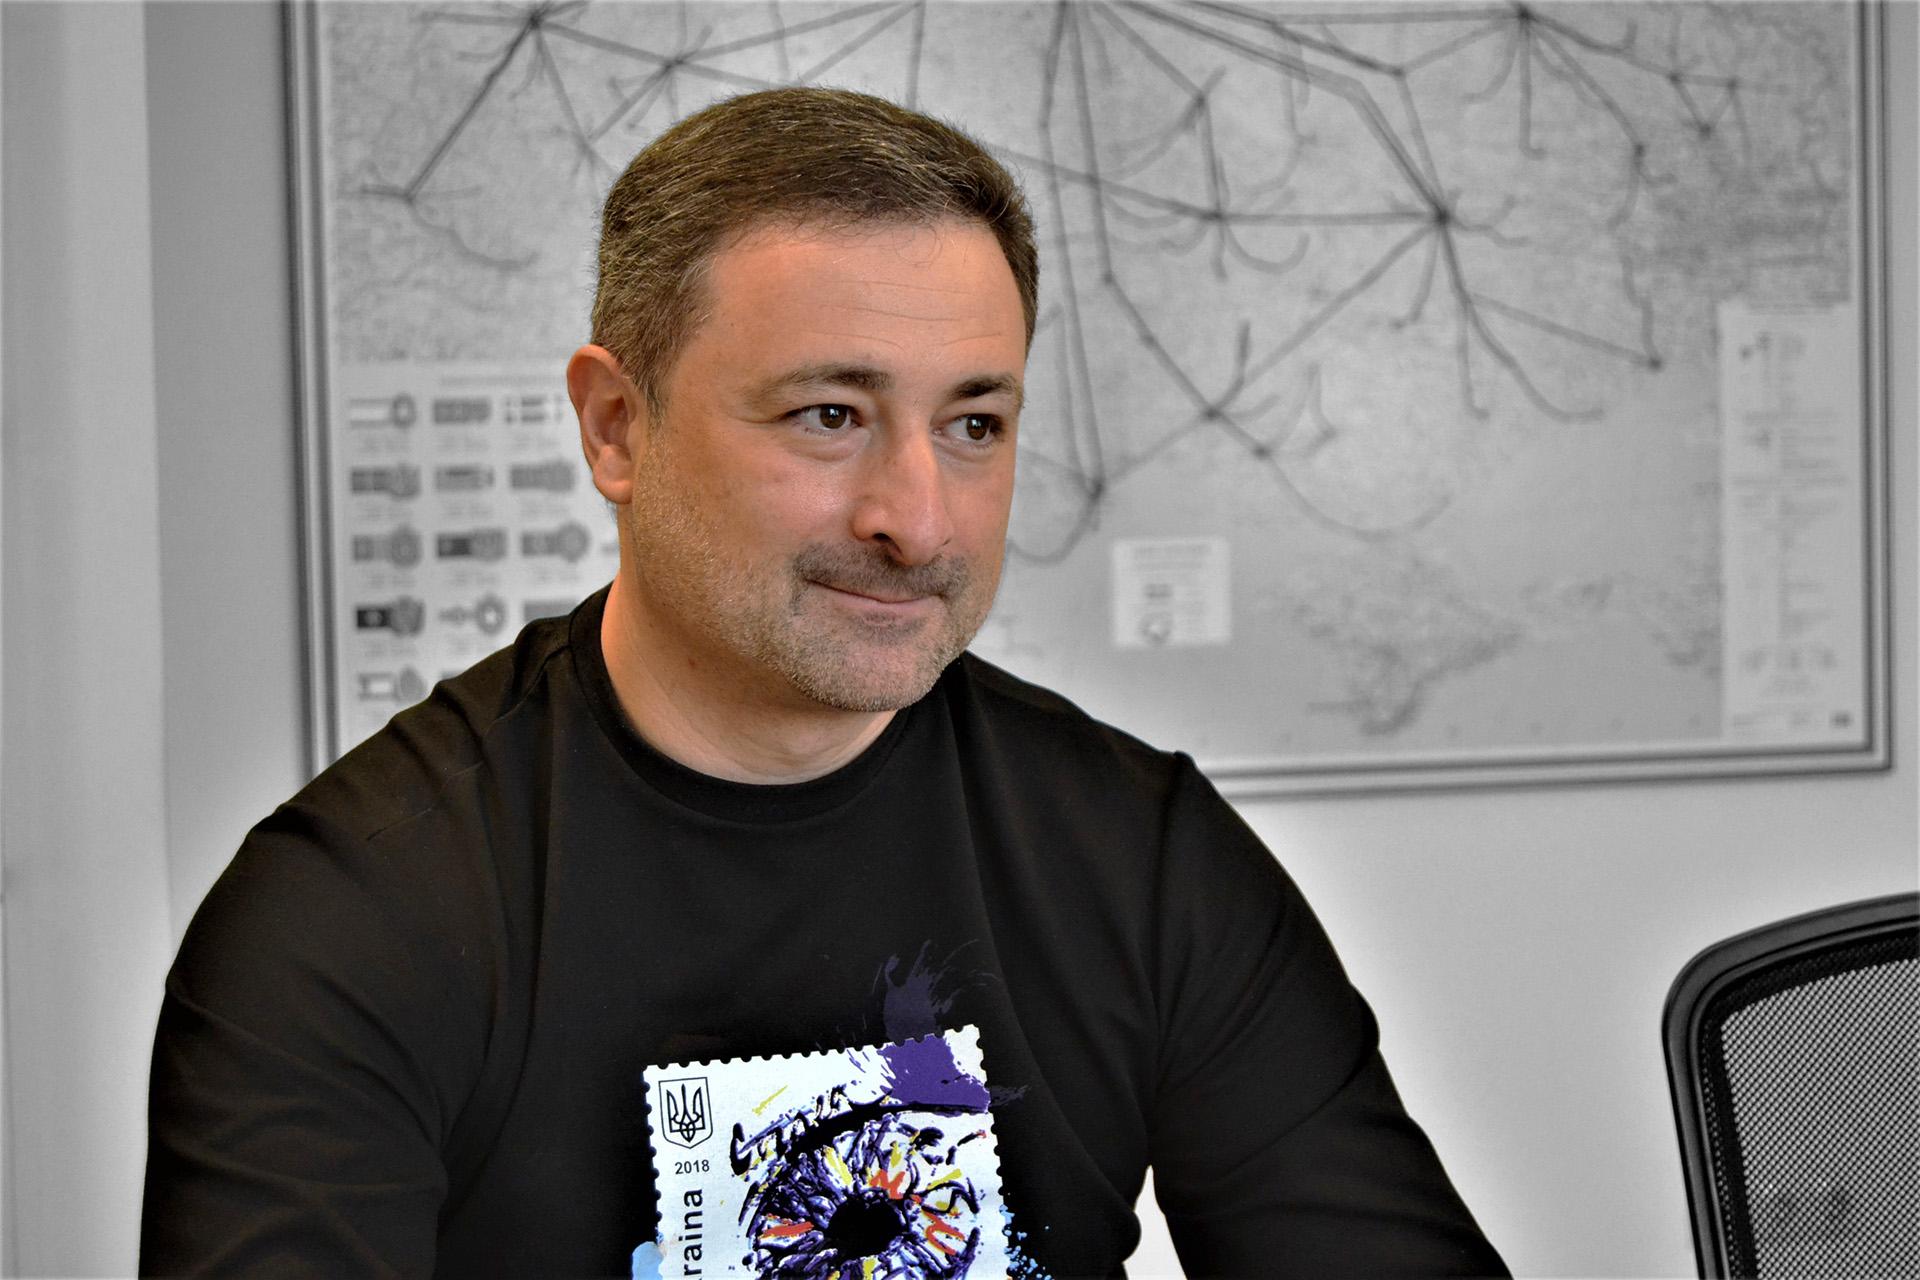 «Я сторонник подхода, в котором люди мотивируются тем, на что они способны повлиять», — Игорь Смелянский, генеральный директор ПАО «Укрпочта»